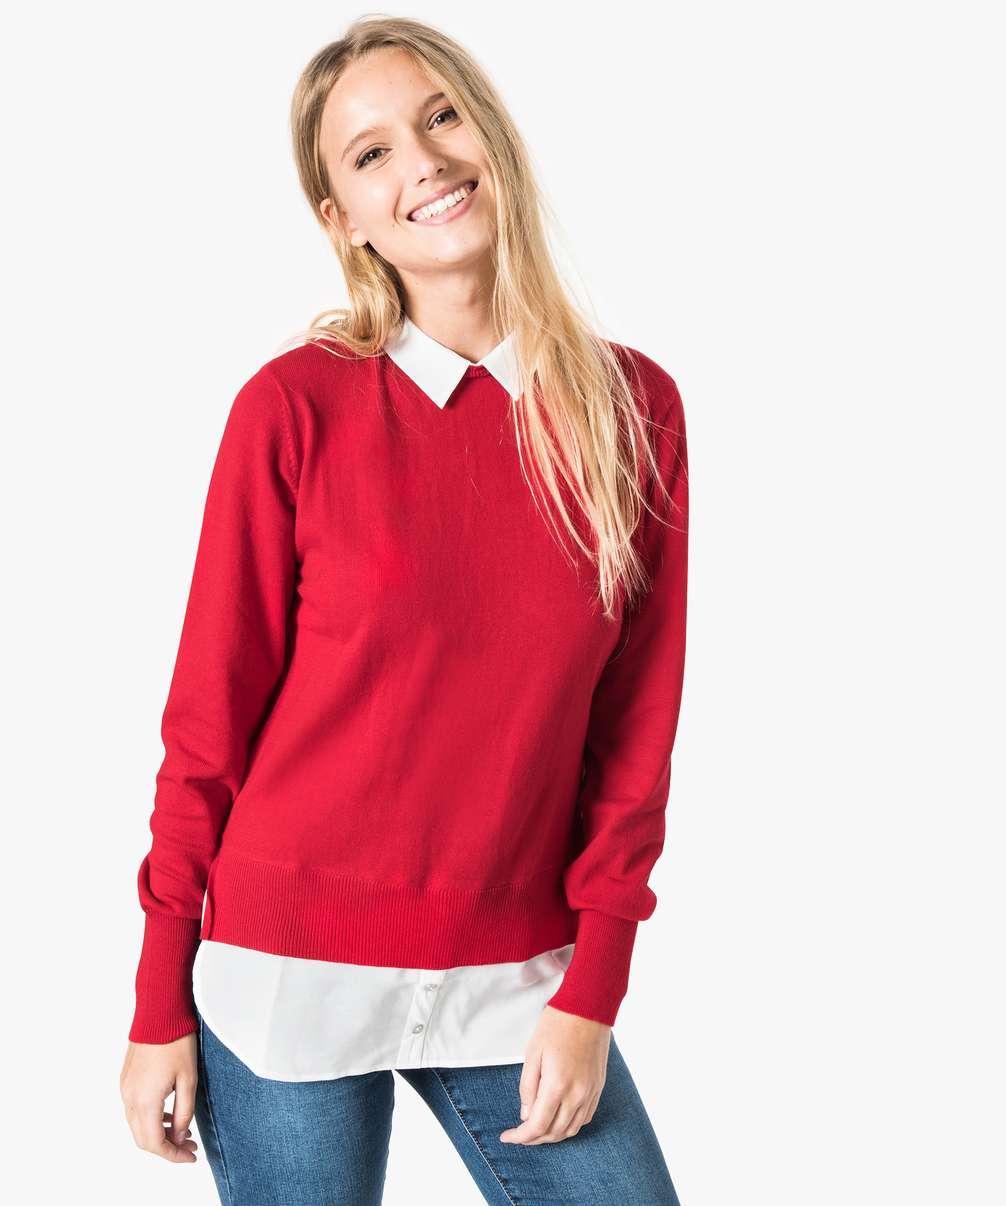 [Clients] 40% de réduction immédiate sur une sélection d'articles - Ex: Pull Rouge pour Femmes (Tailles au choix)